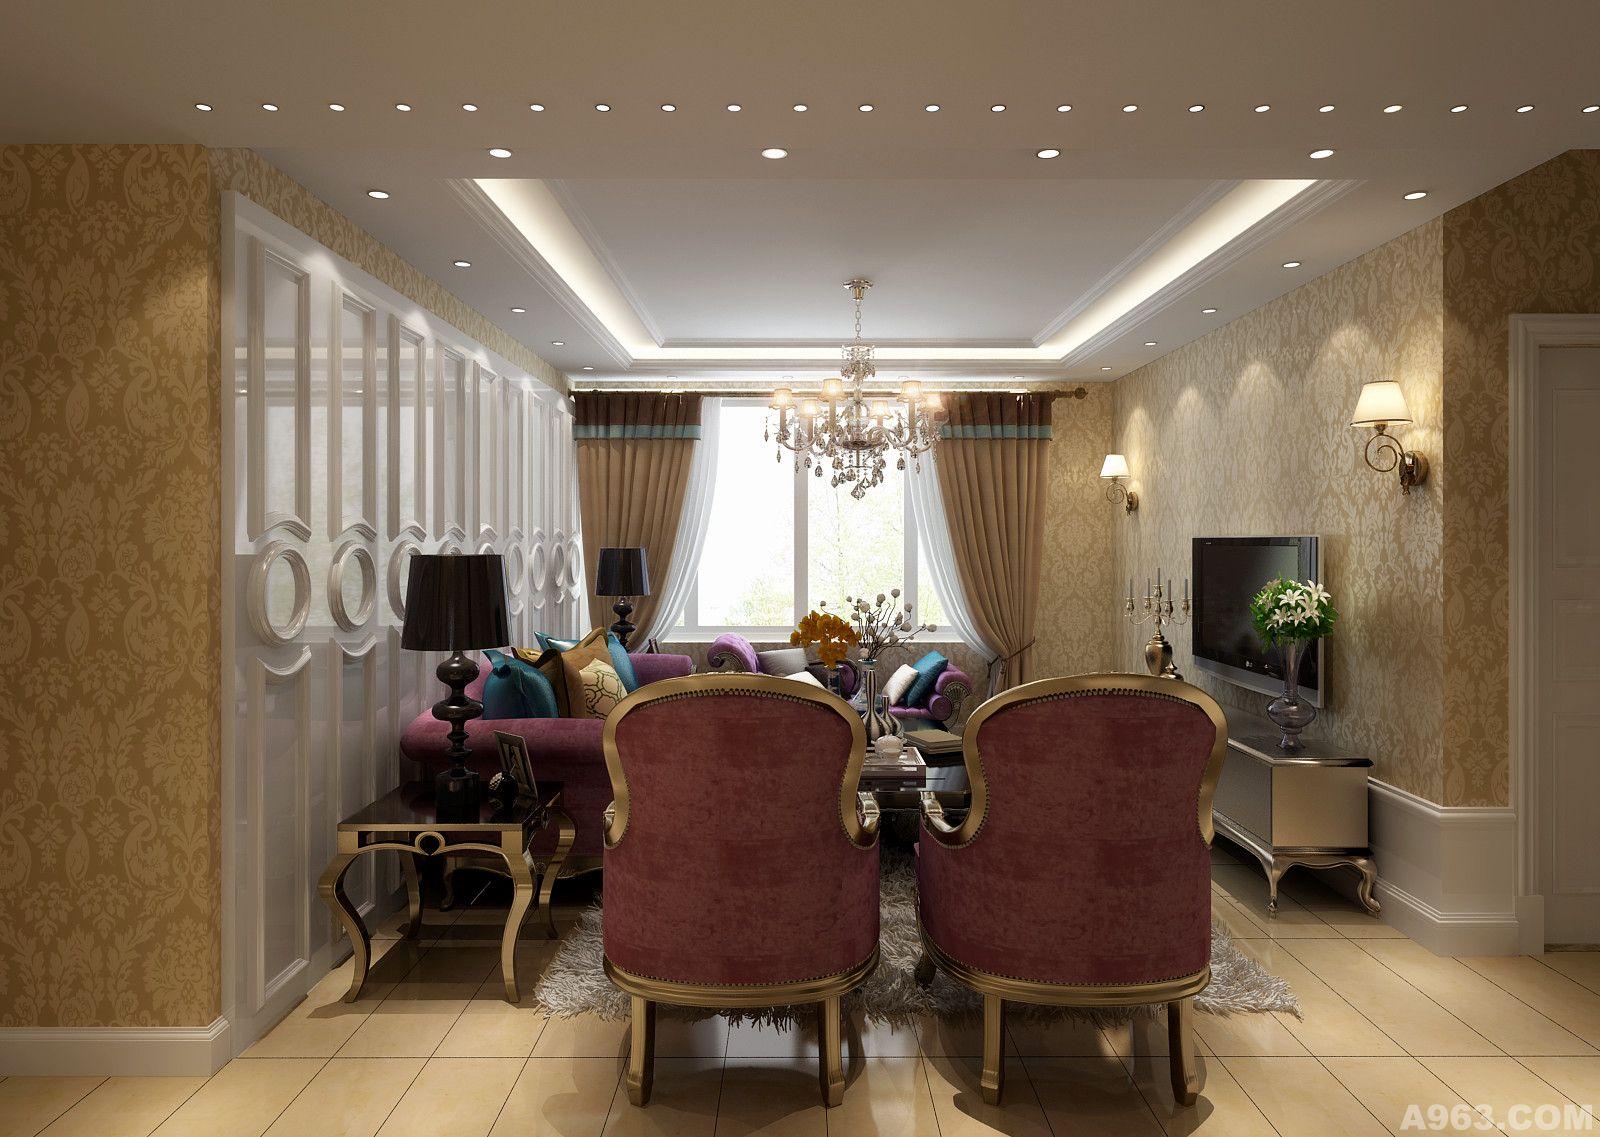 新贵欧式 设计:胡兵阅读:7次类别:家装设计 材料:铁锈地砖,银色欧式